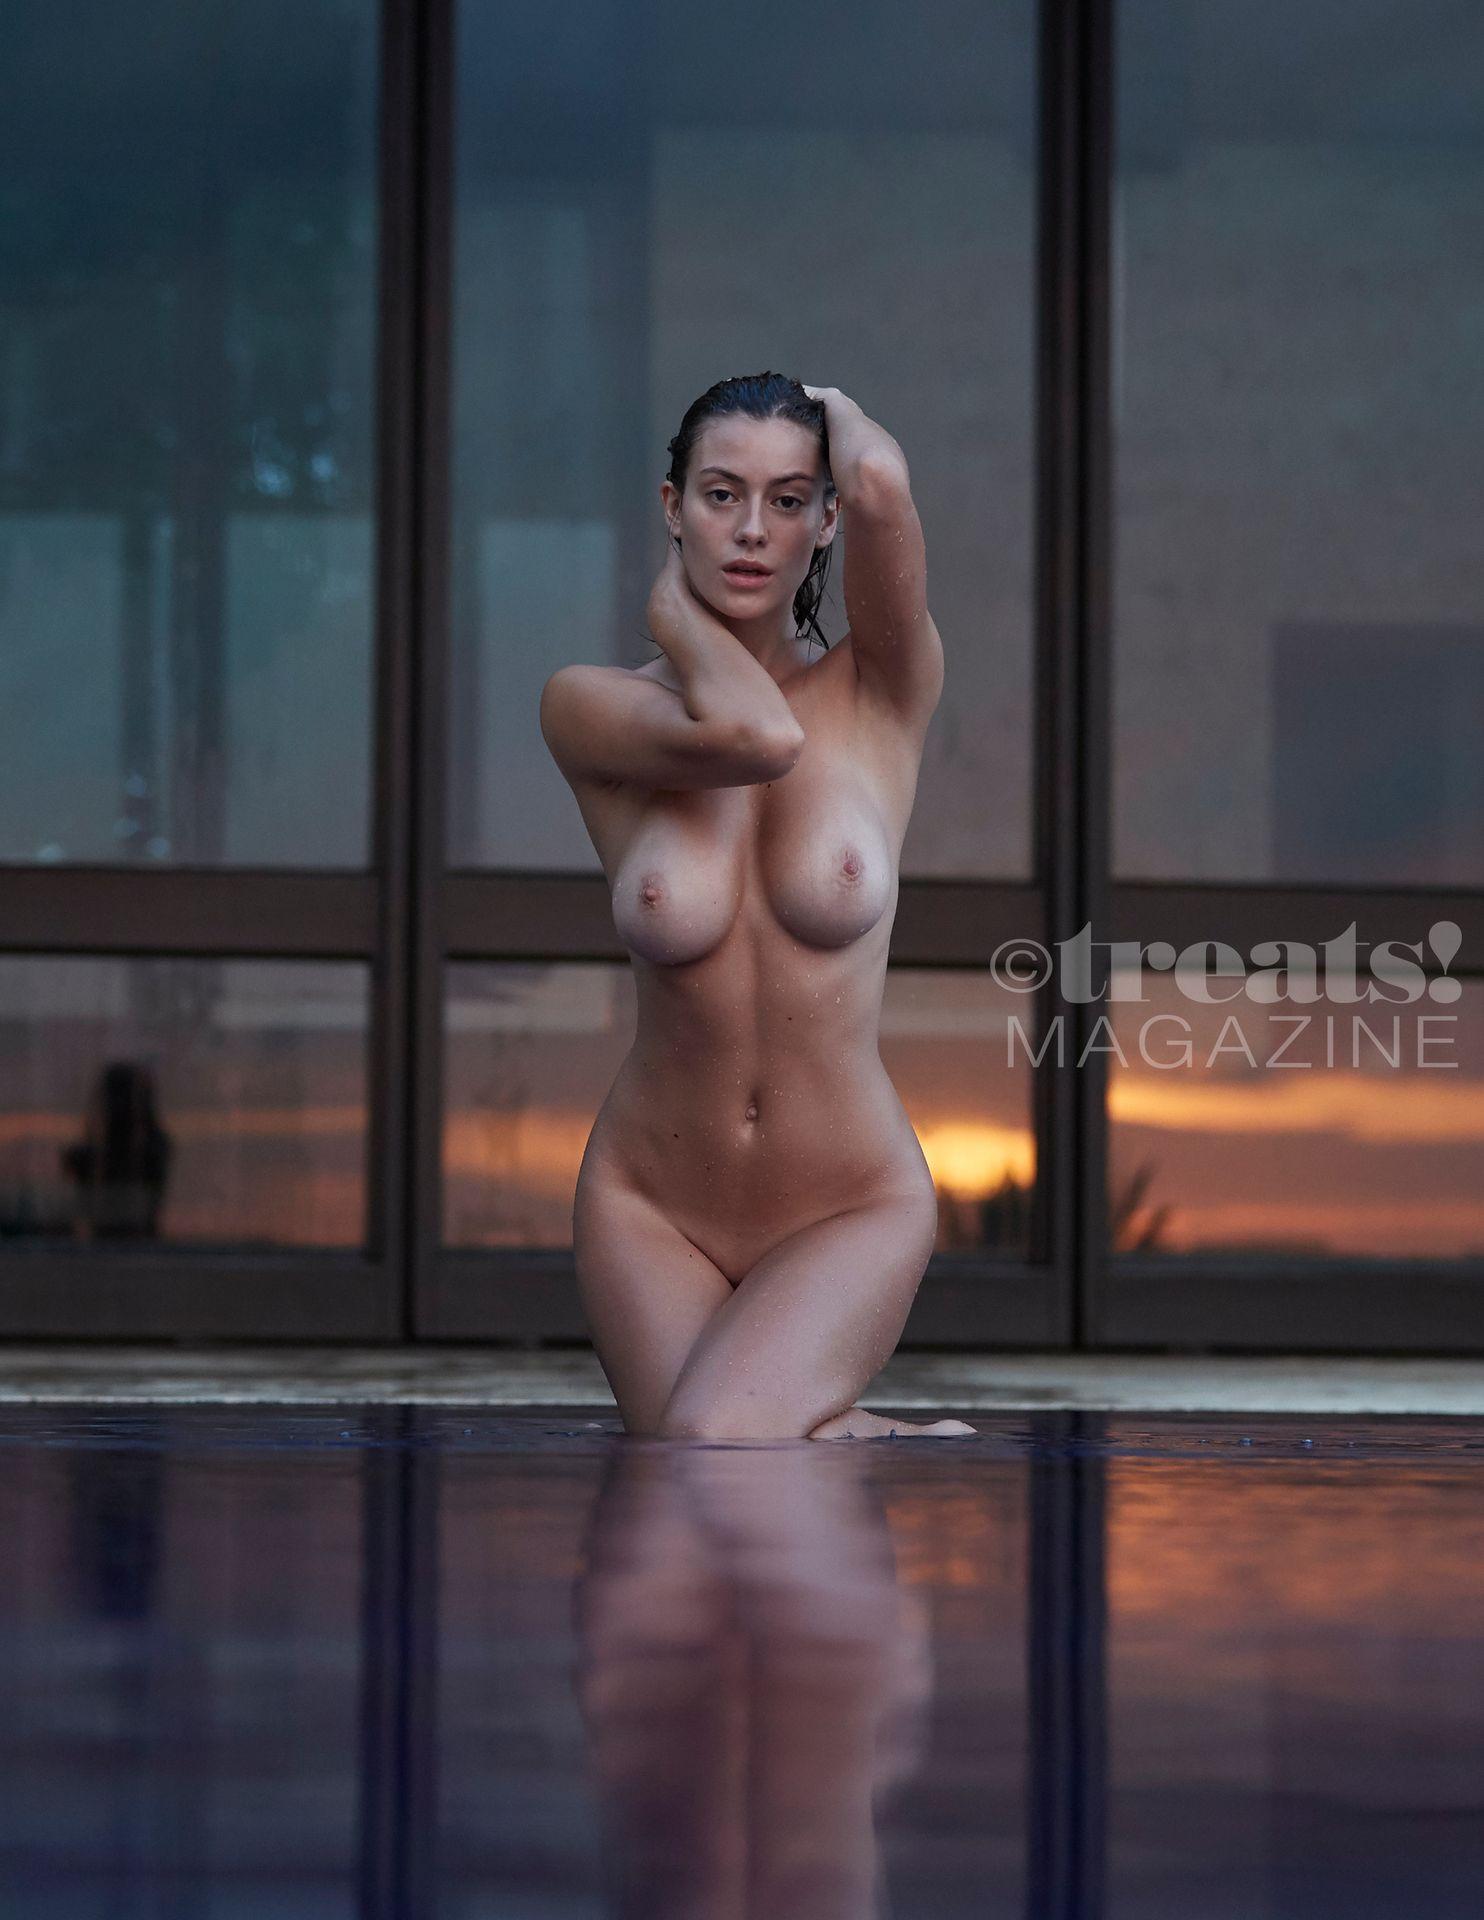 Alejandra-Guilmant-Nude-The-Fappening-Blog-22.jpg